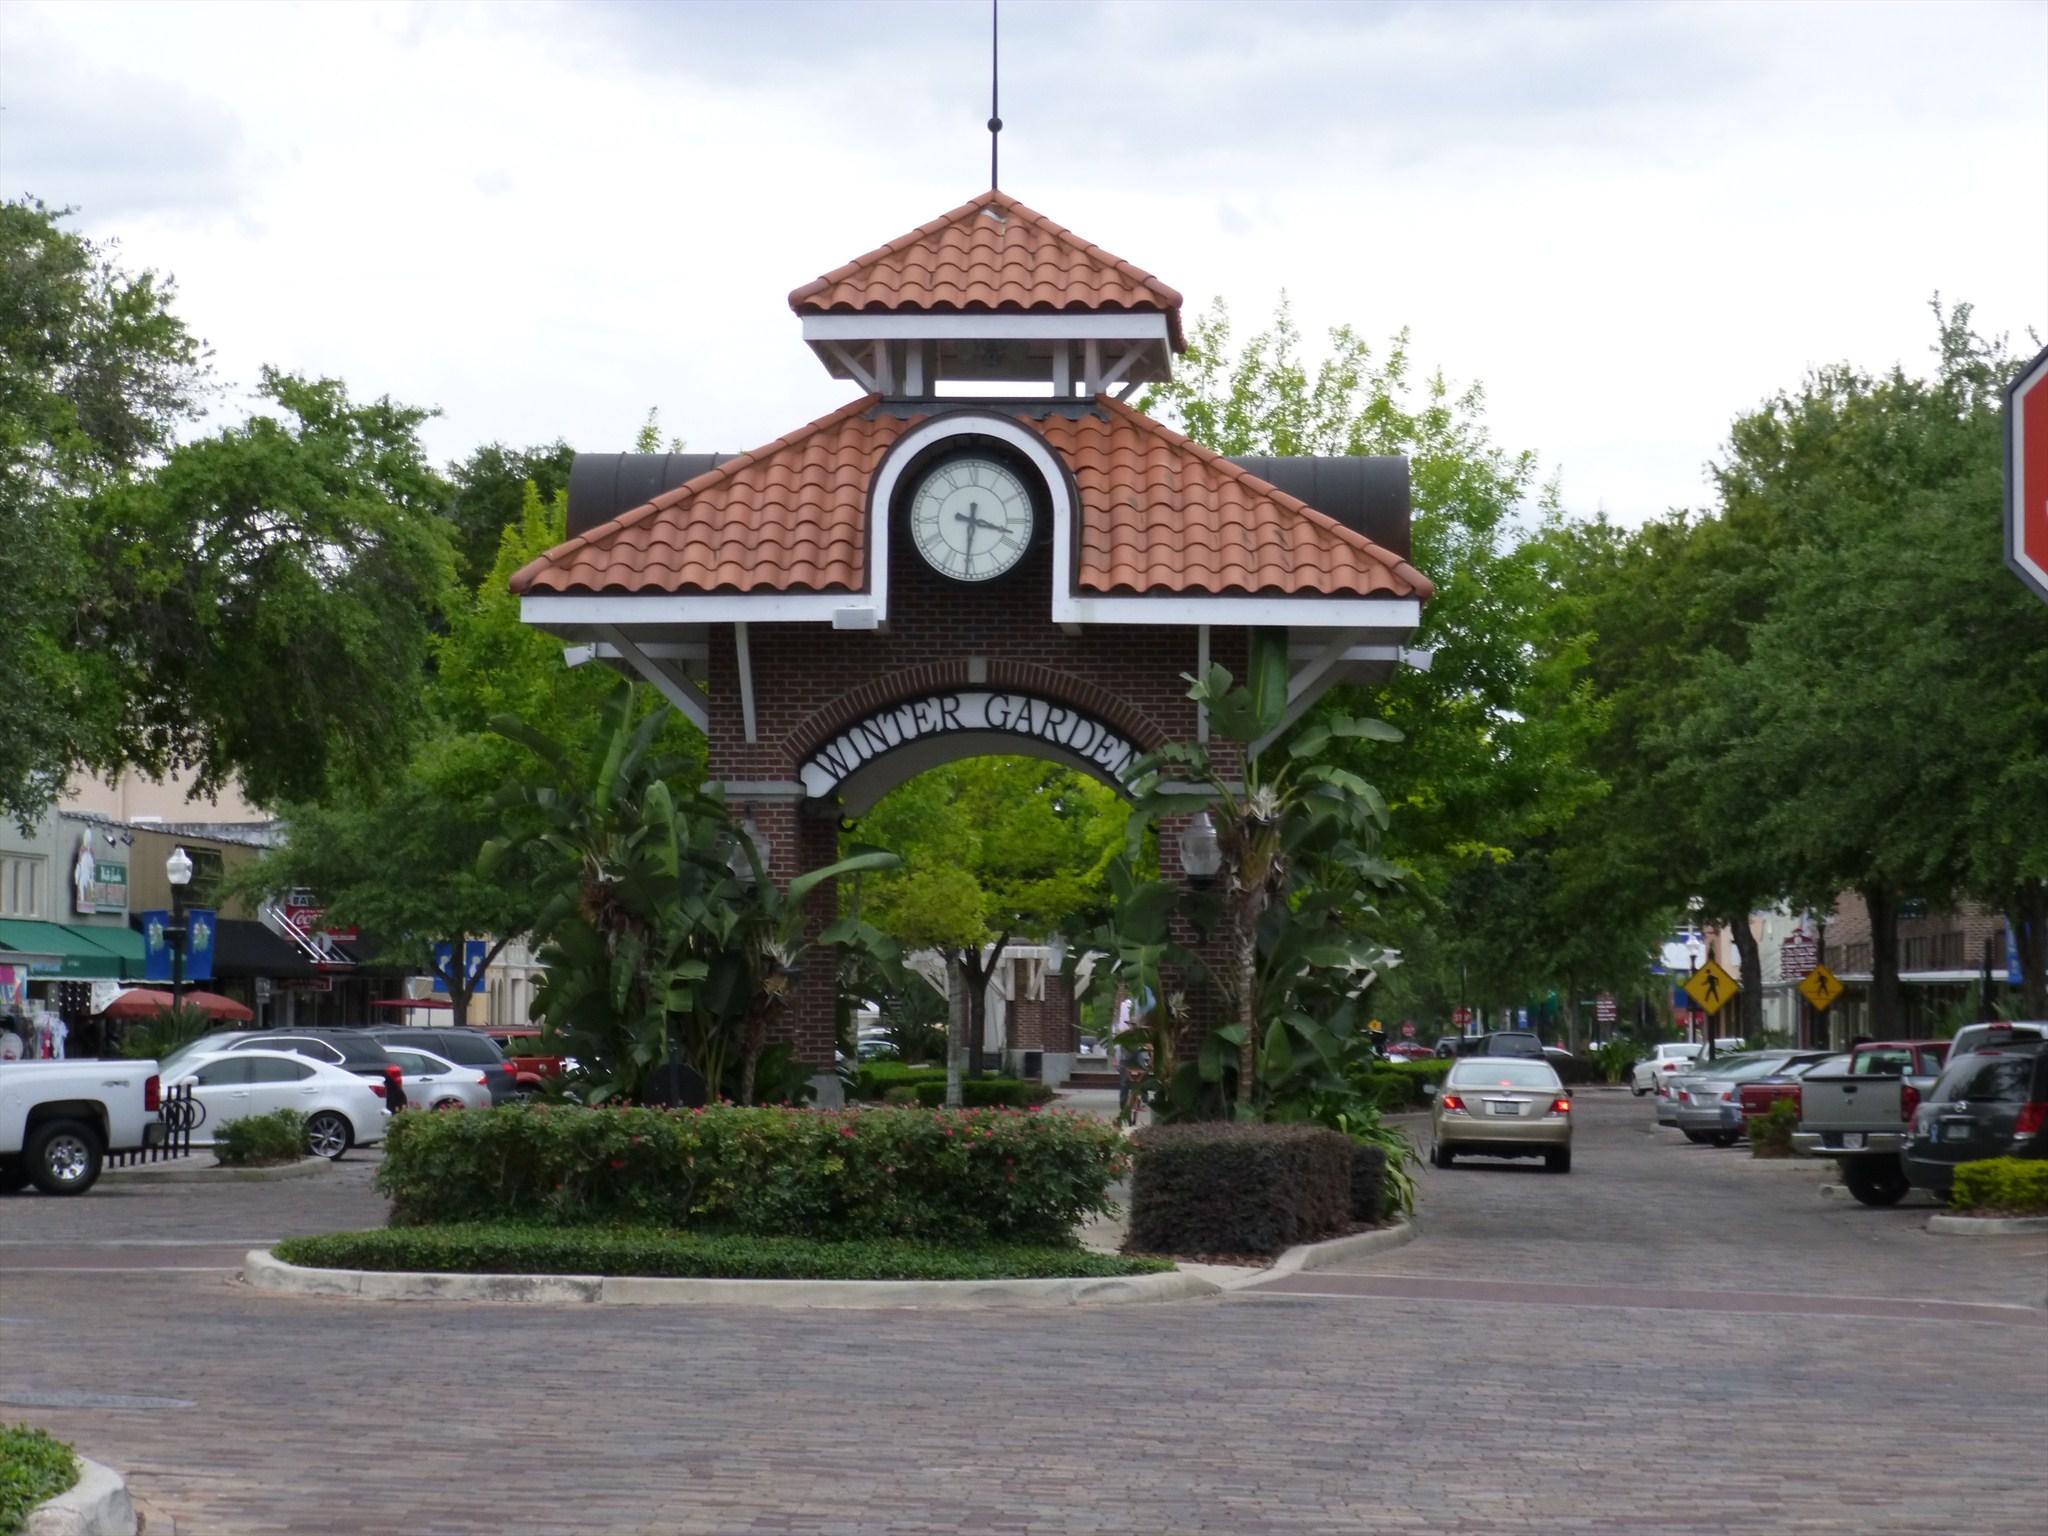 centennial clock winter garden florida